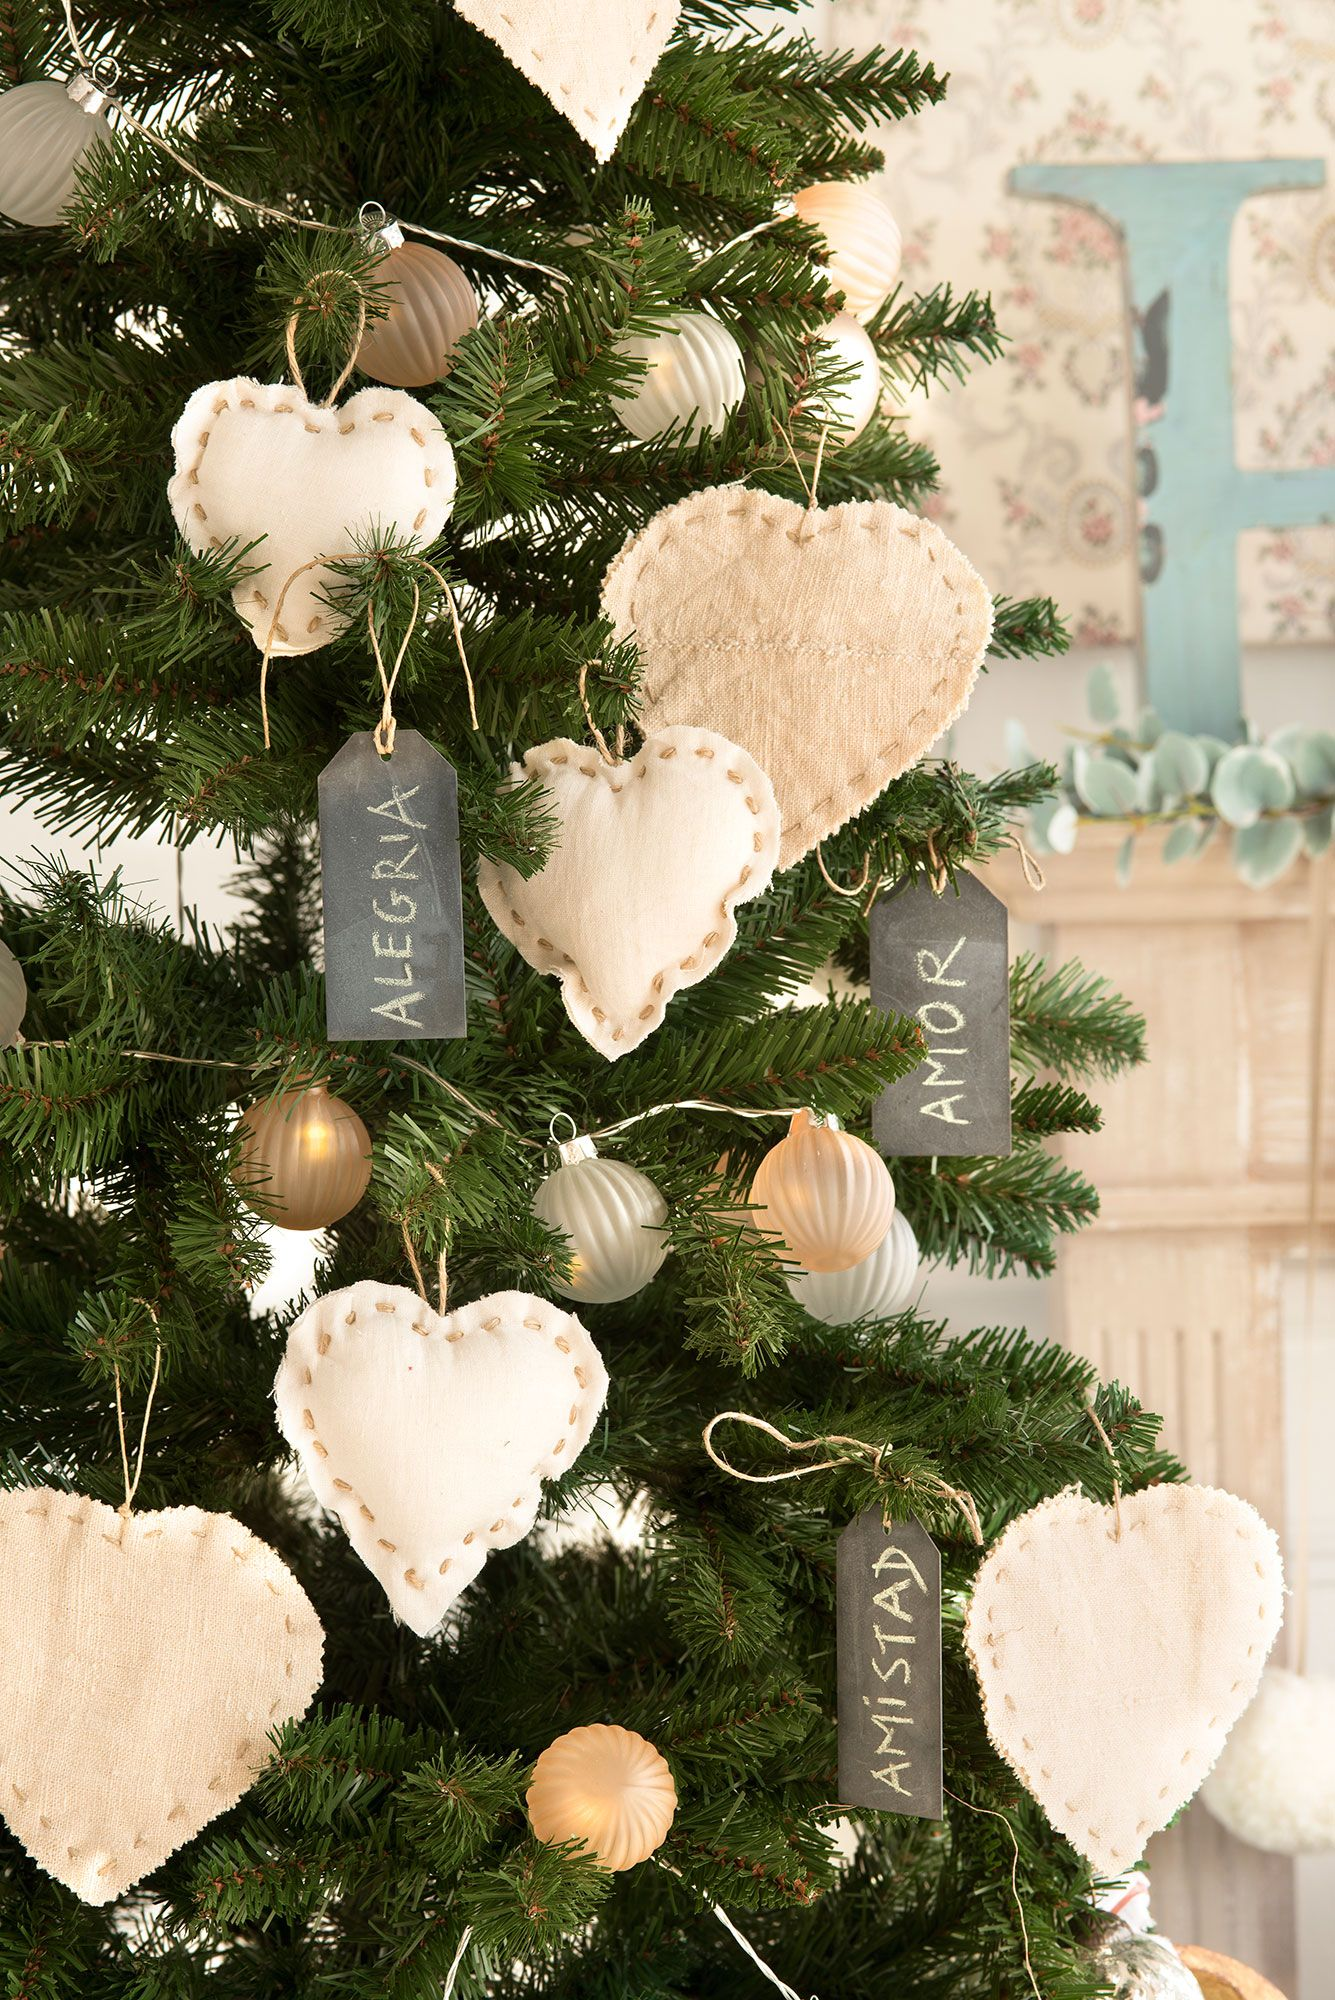 Merveilleux Ideas Para Decorar El árbol De Navidad: 3 árboles, 3 Estilos